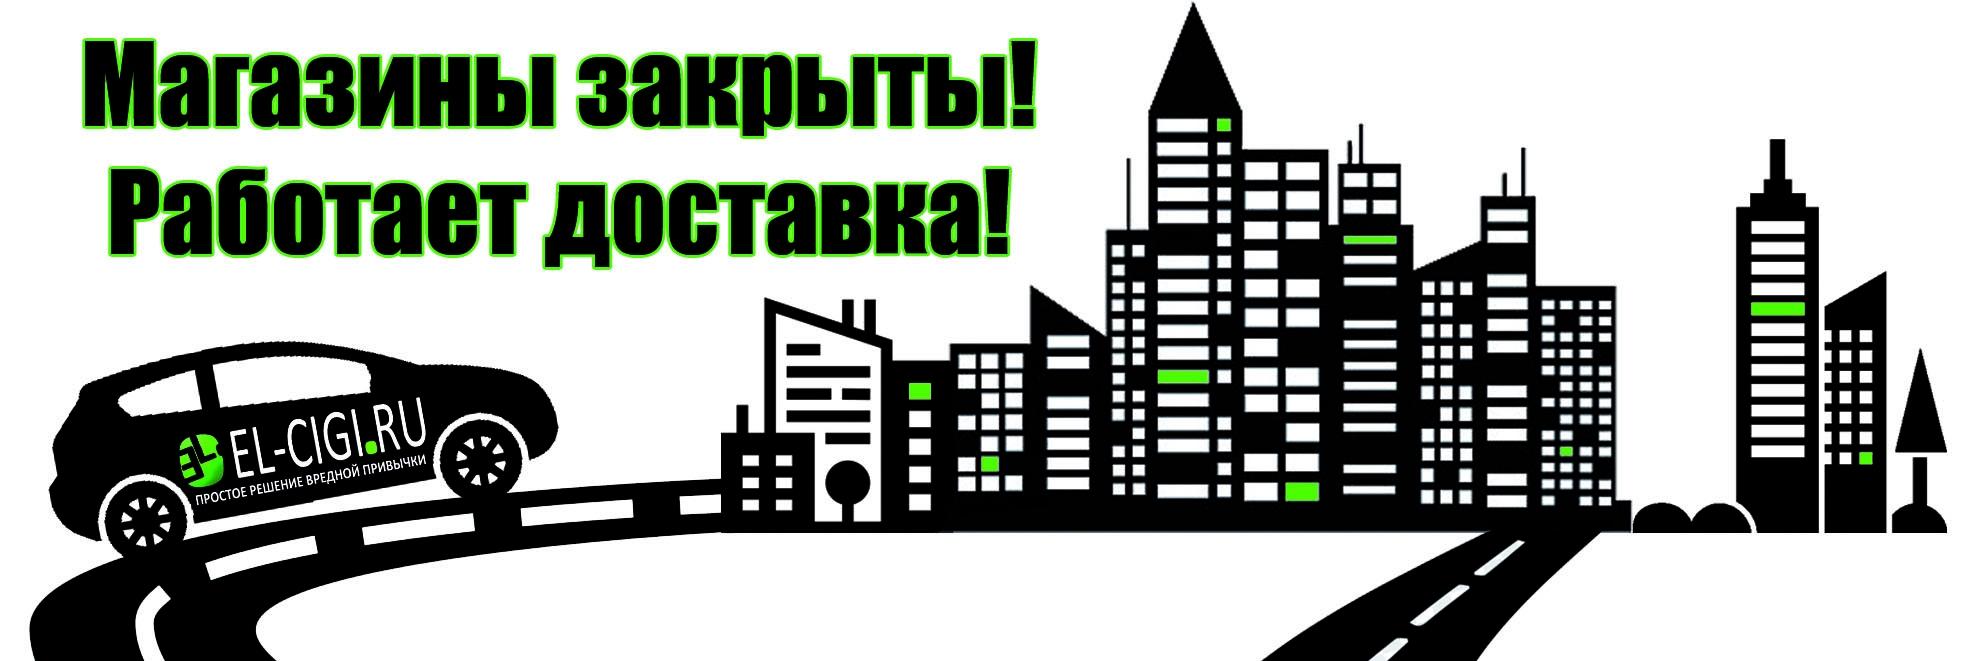 https://el-cigi.ru/content/85--300320-magaziny-zakryty-rabotaet-dostavka